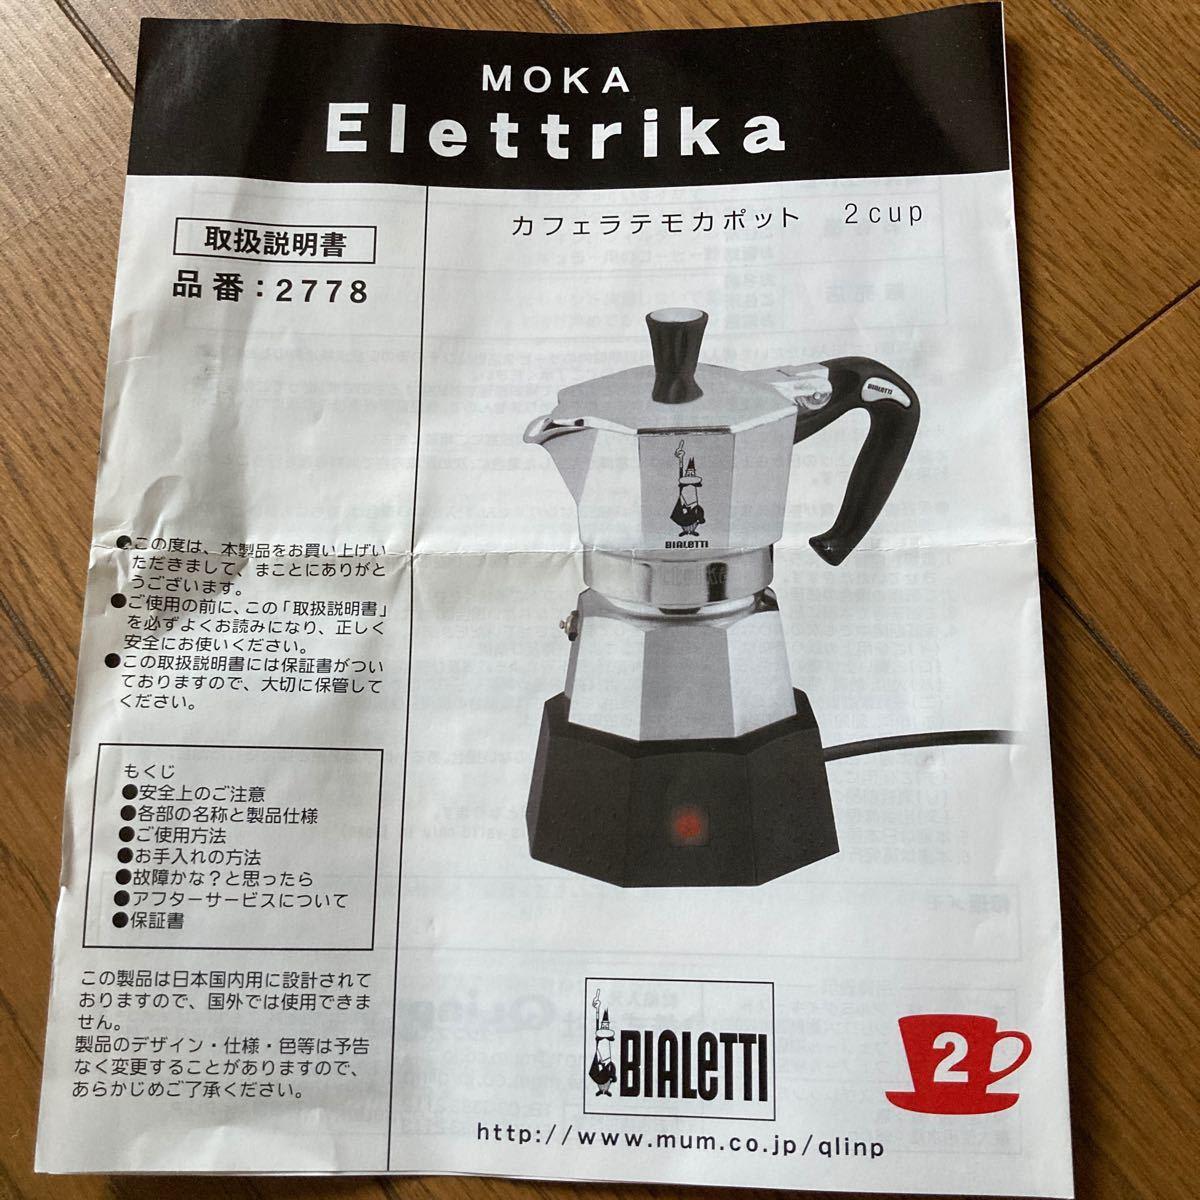 電気式カフェラテモカポット 2cup